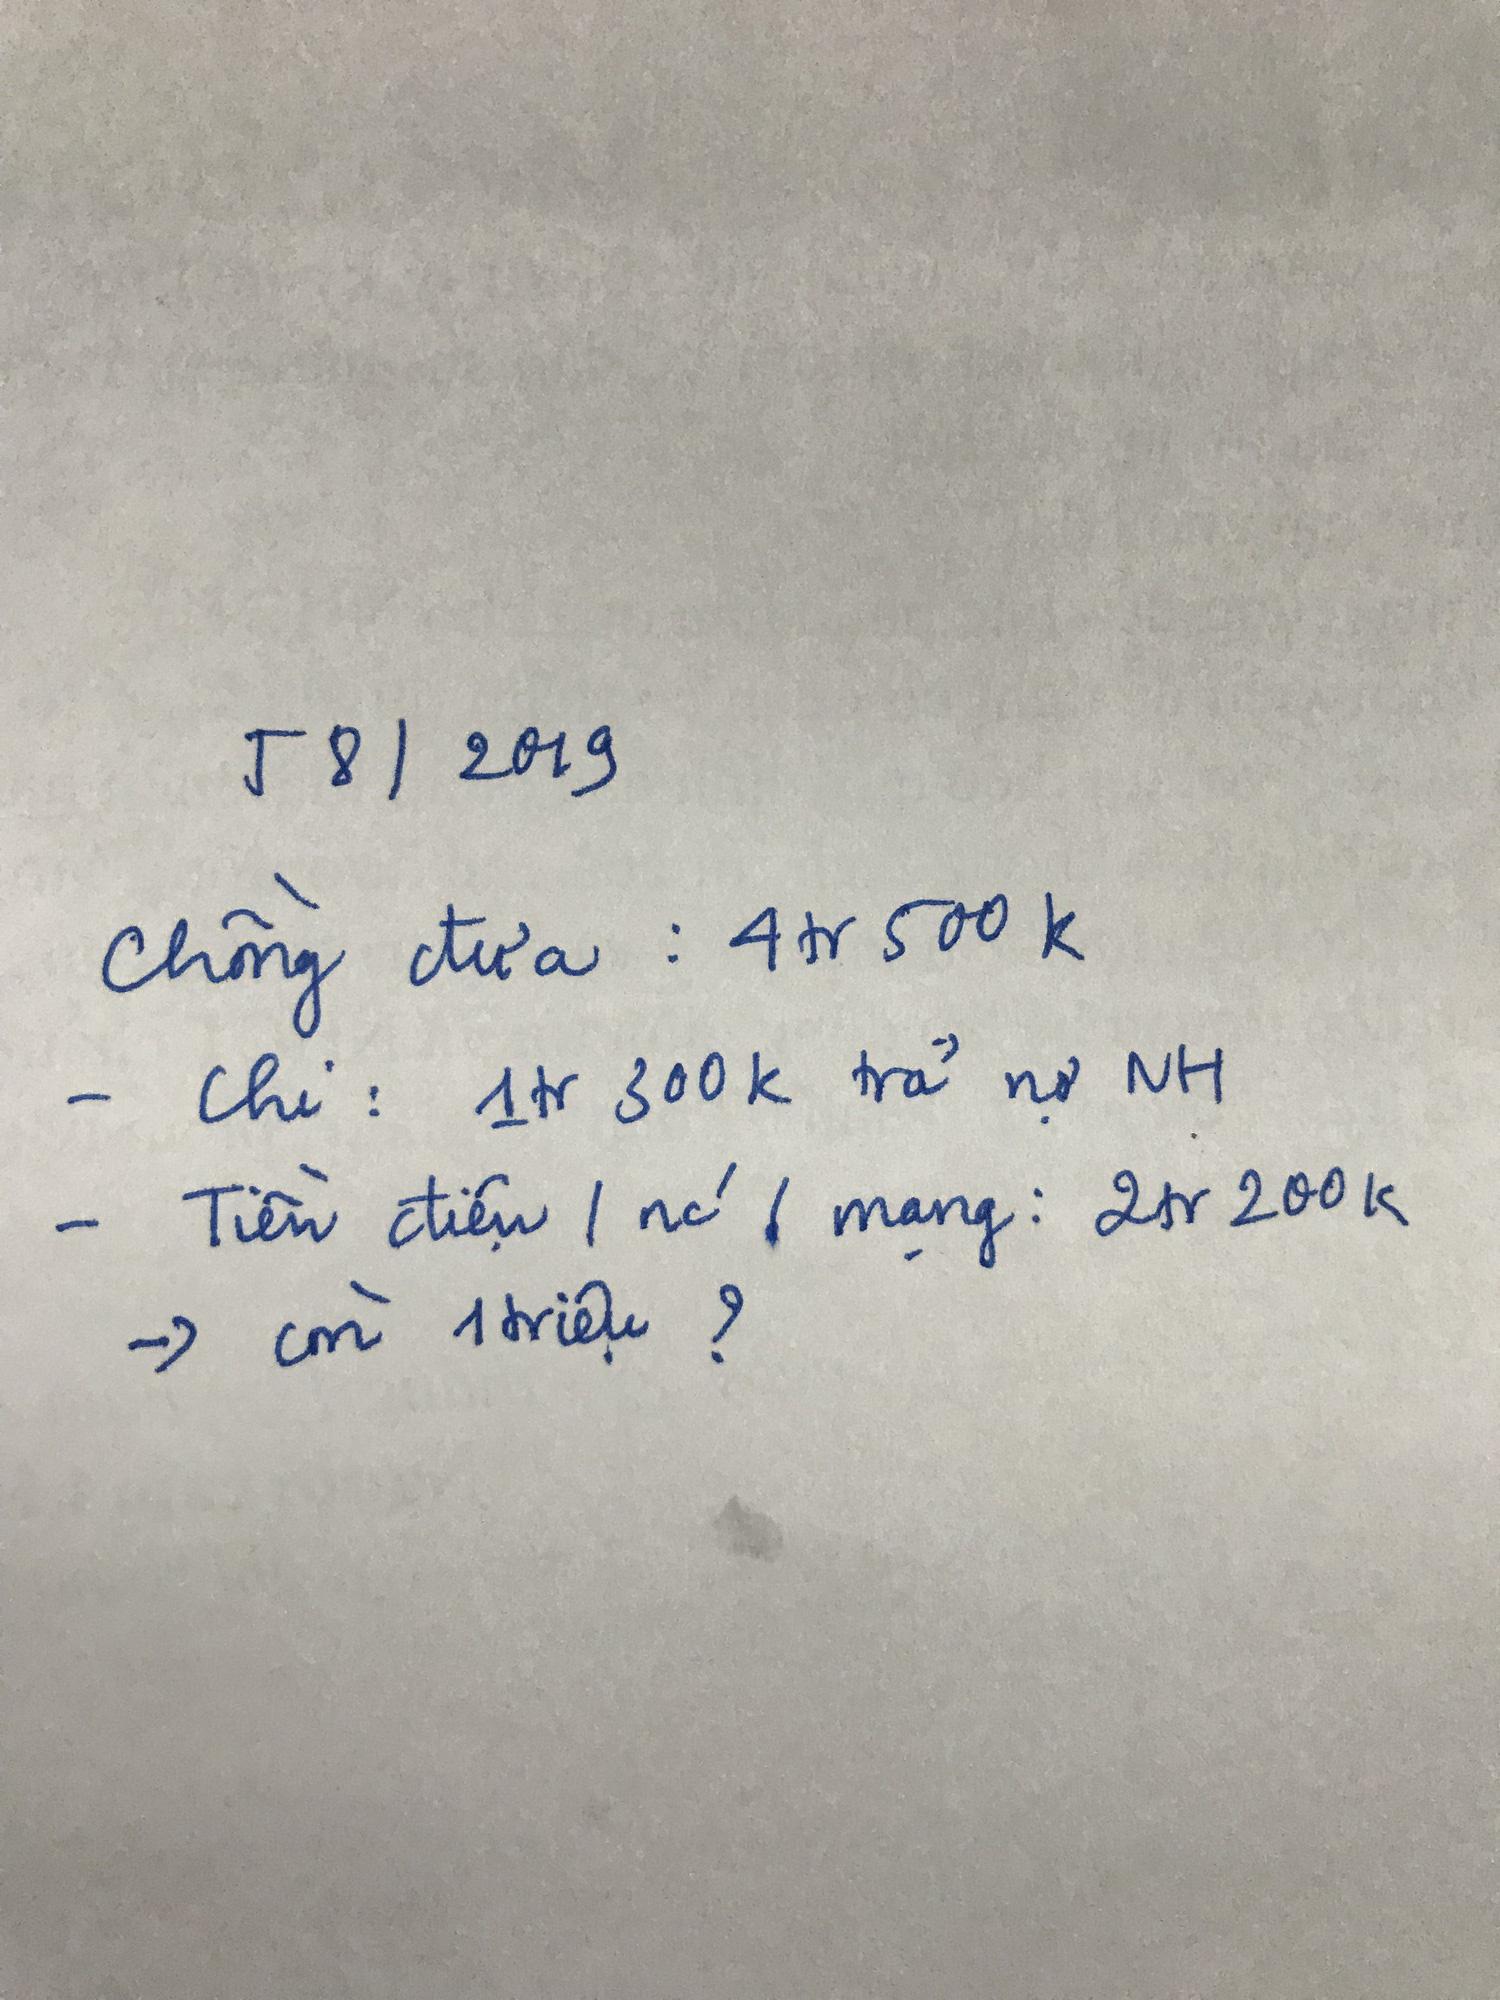 VZN News: Chồng đầu tháng đưa vợ 4,5 triệu, cuối tháng lại đòi 1 triệu, bảng kê khai từng khoản khiến tất cả ngao ngán - Ảnh 2.